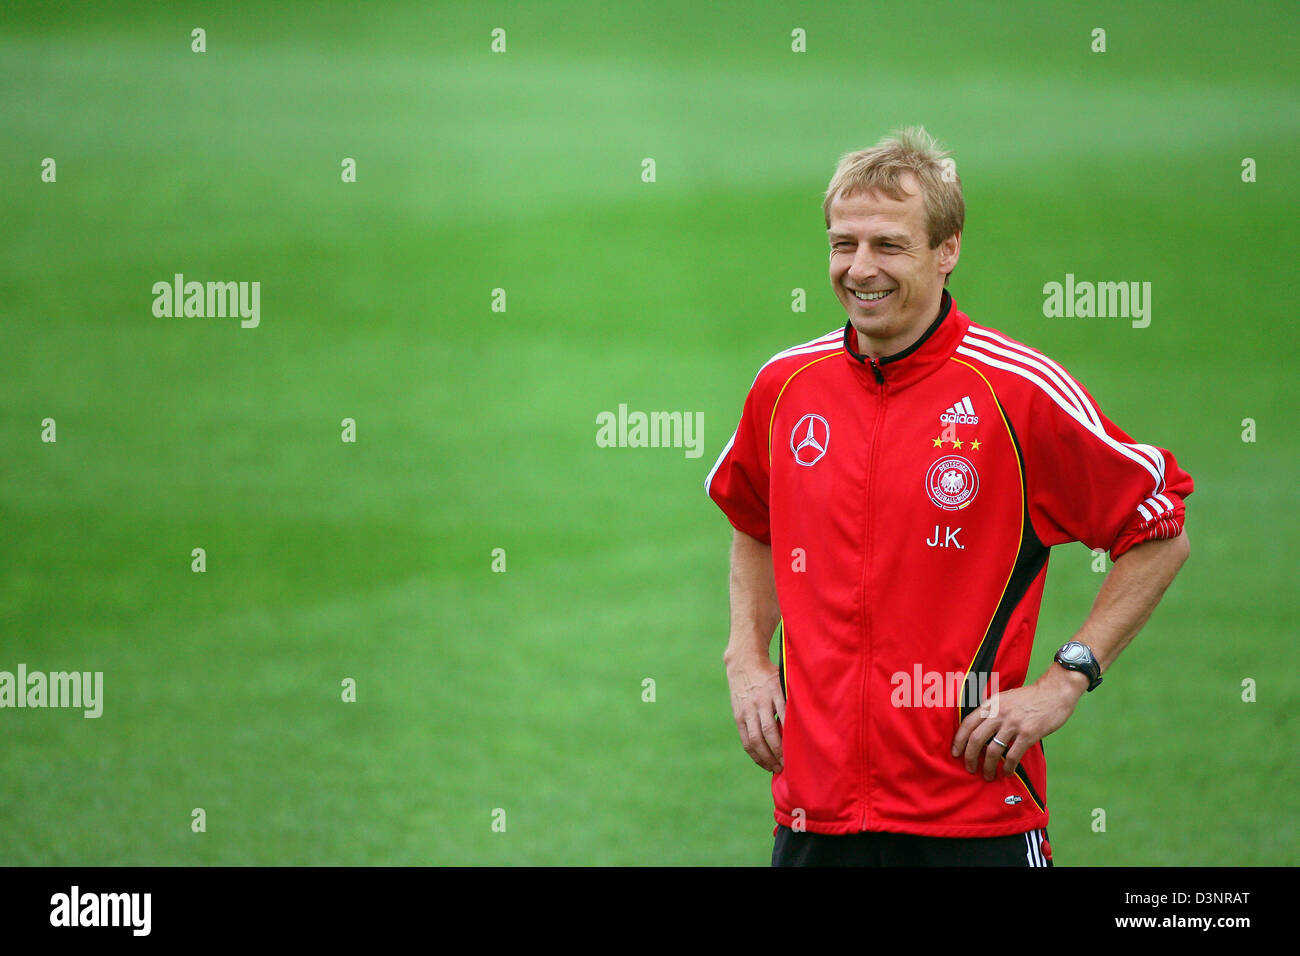 Deutscher Fussball Trainer Juergen Klinsmann Bei Der Team